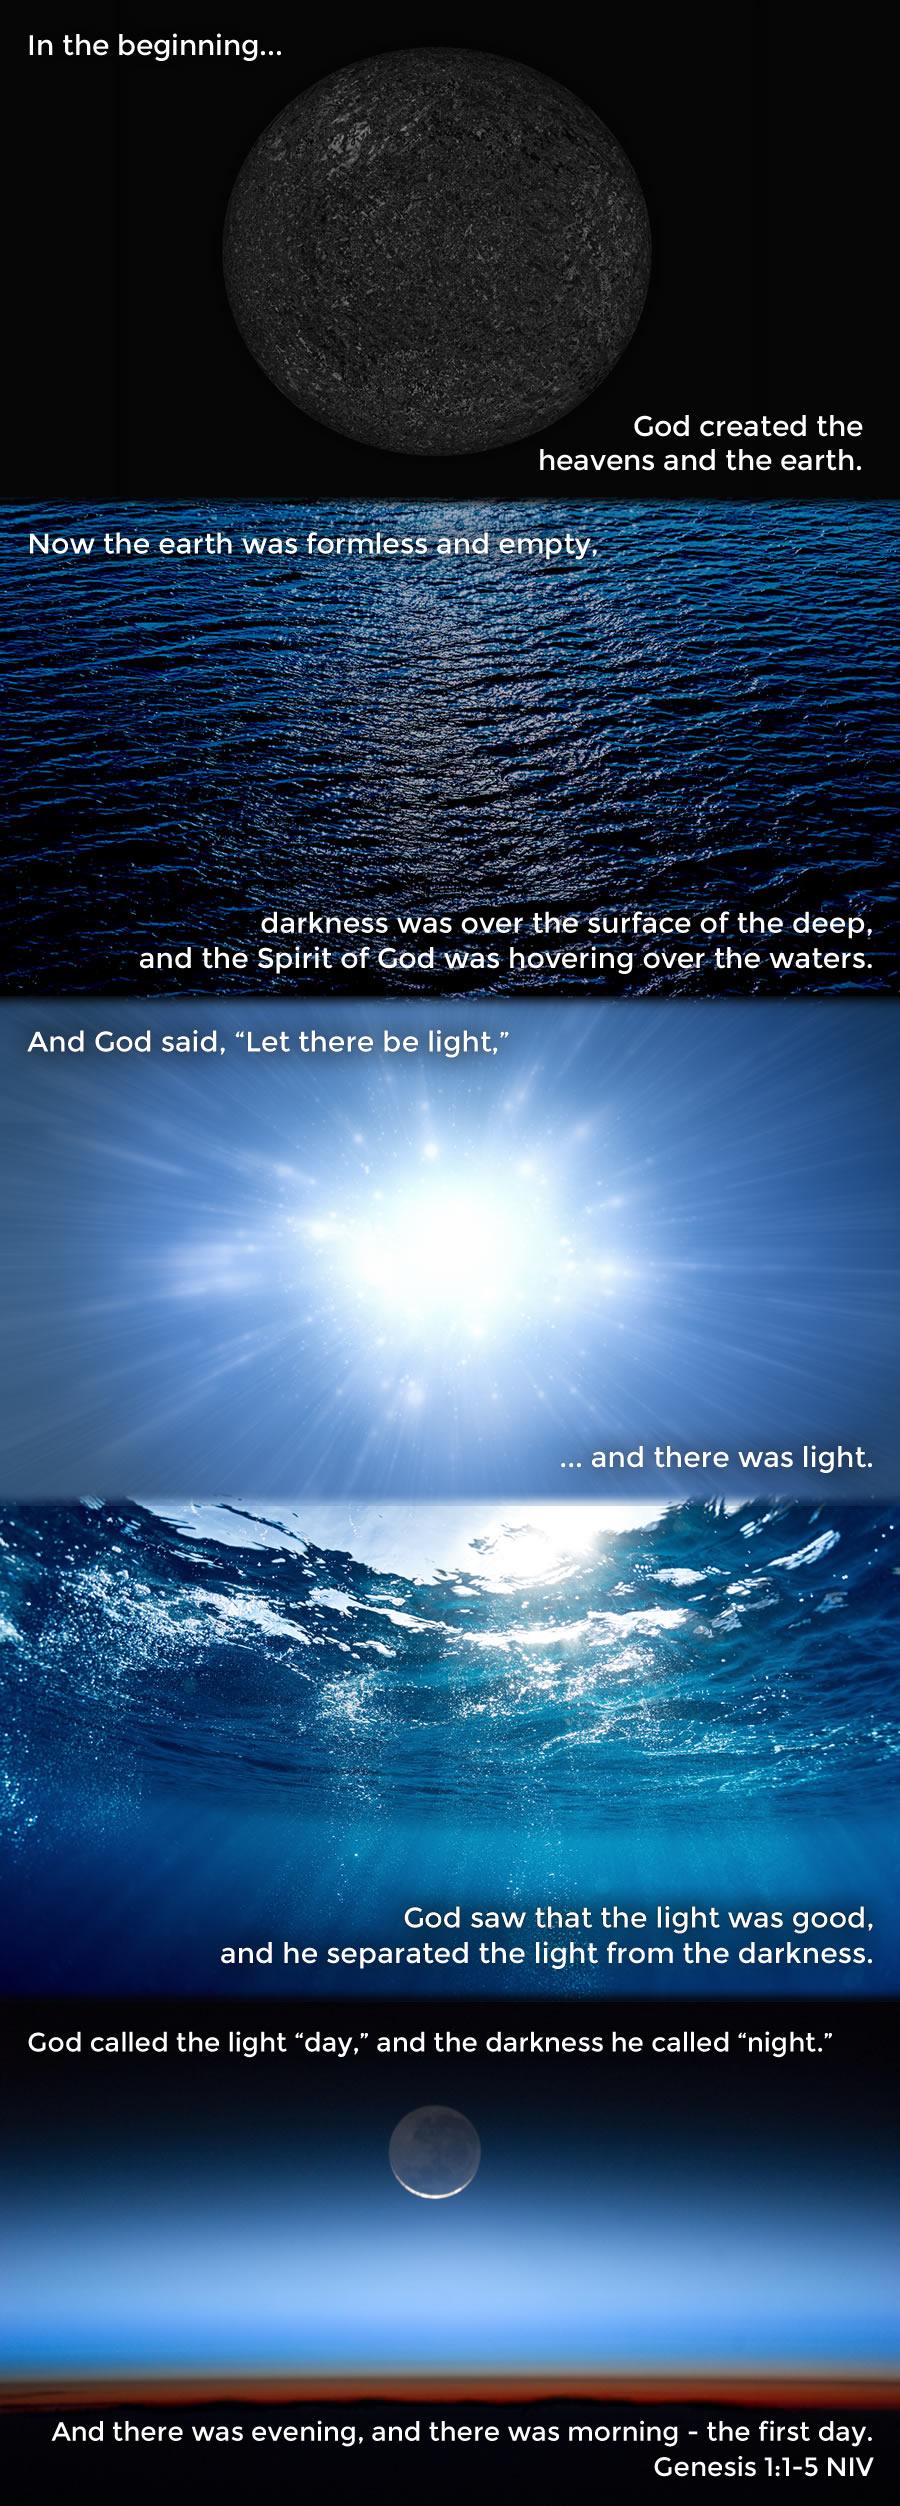 Genesis 1.1-5